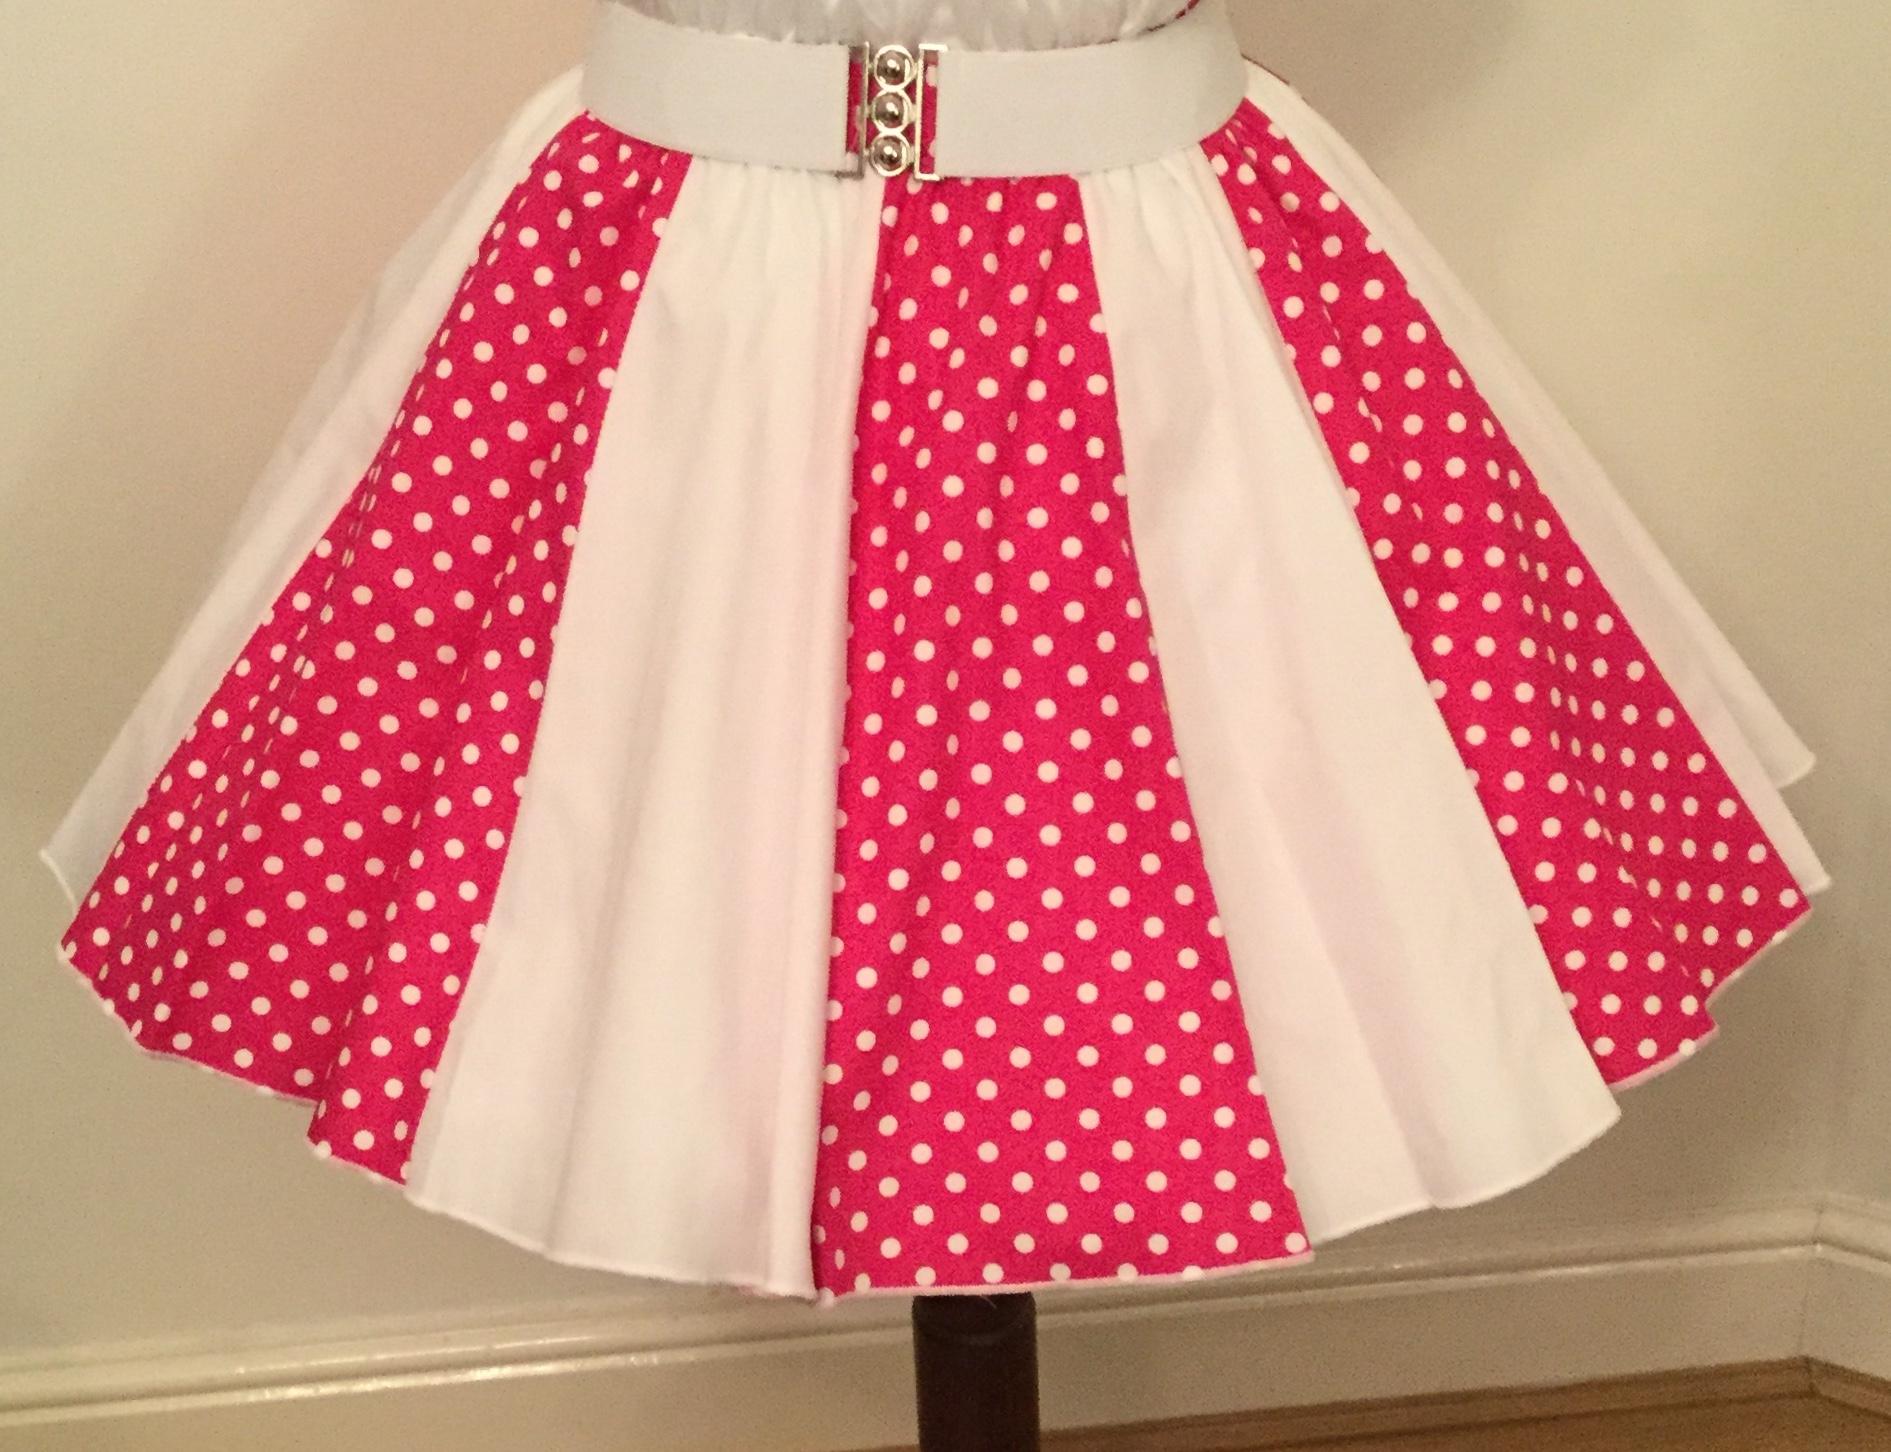 Ceri Pnk / Wht 7mm PD & Plain Wht Panel Skirt